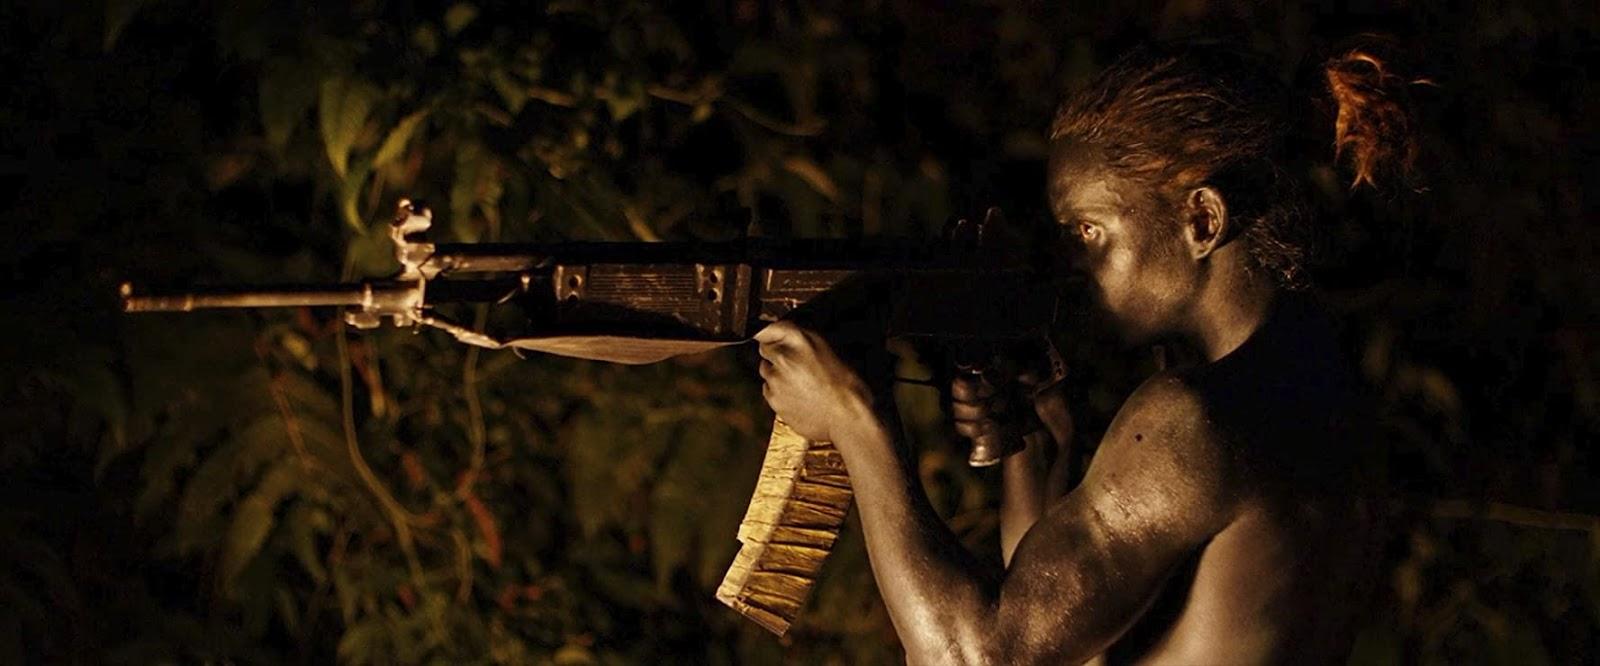 Crítica de 'Monos': Infierno en la jungla | Cinemaficionados